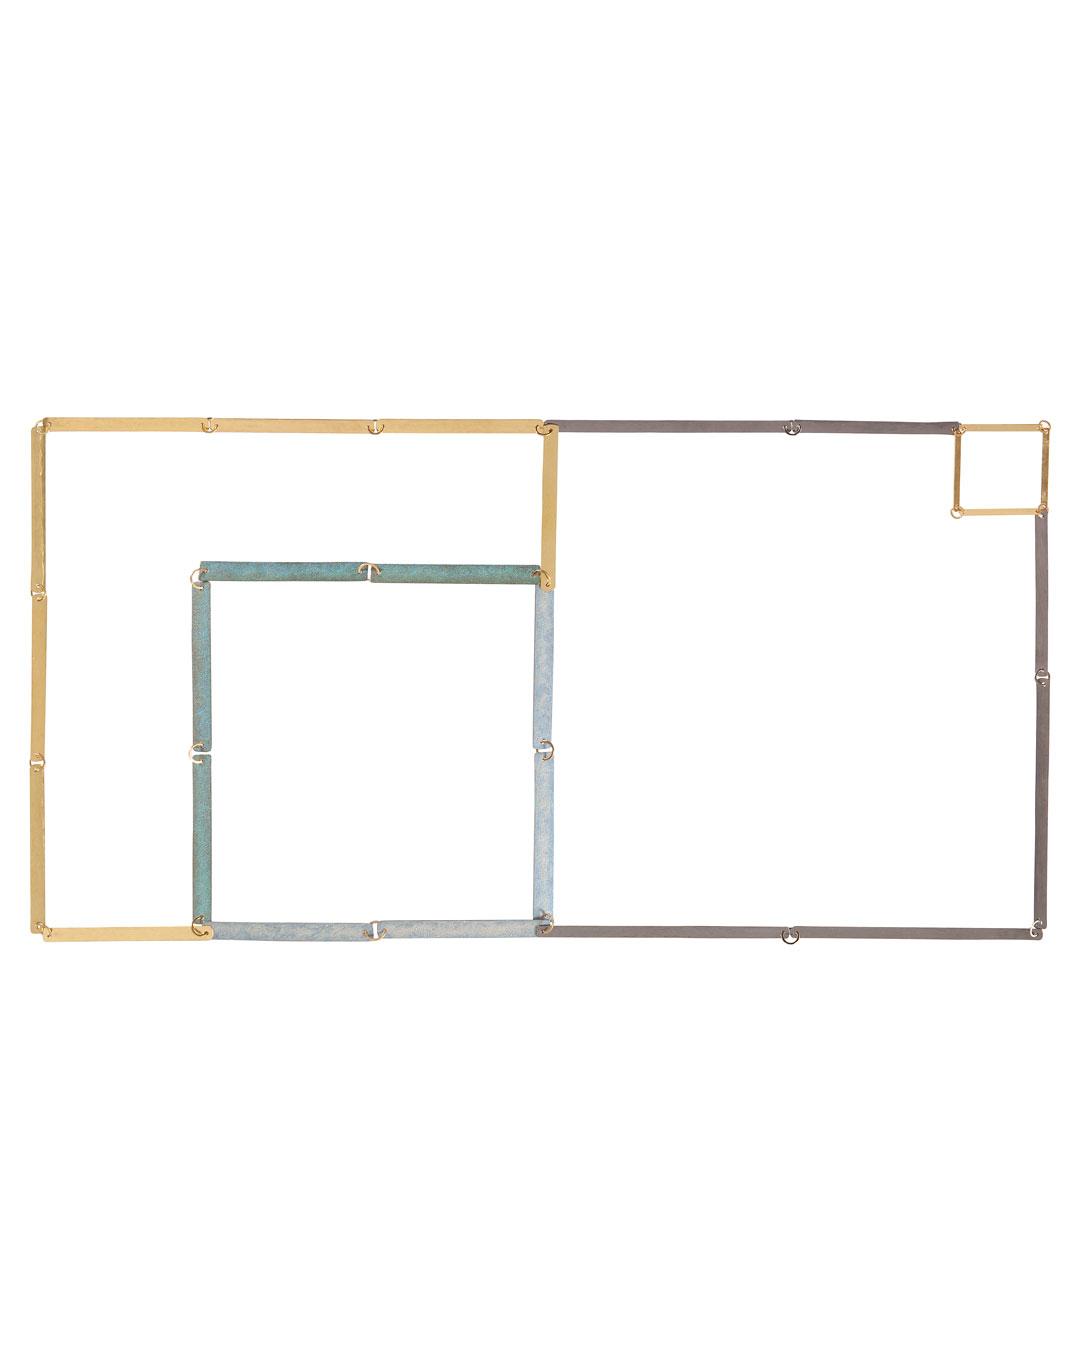 Annelies Planteijdt, Mooie stad - Collier en theedoeken, 2017, ketting; goud, tantalium, titanium, pigment, 180 x 360 mm, €7450 (afbeelding 1/3)